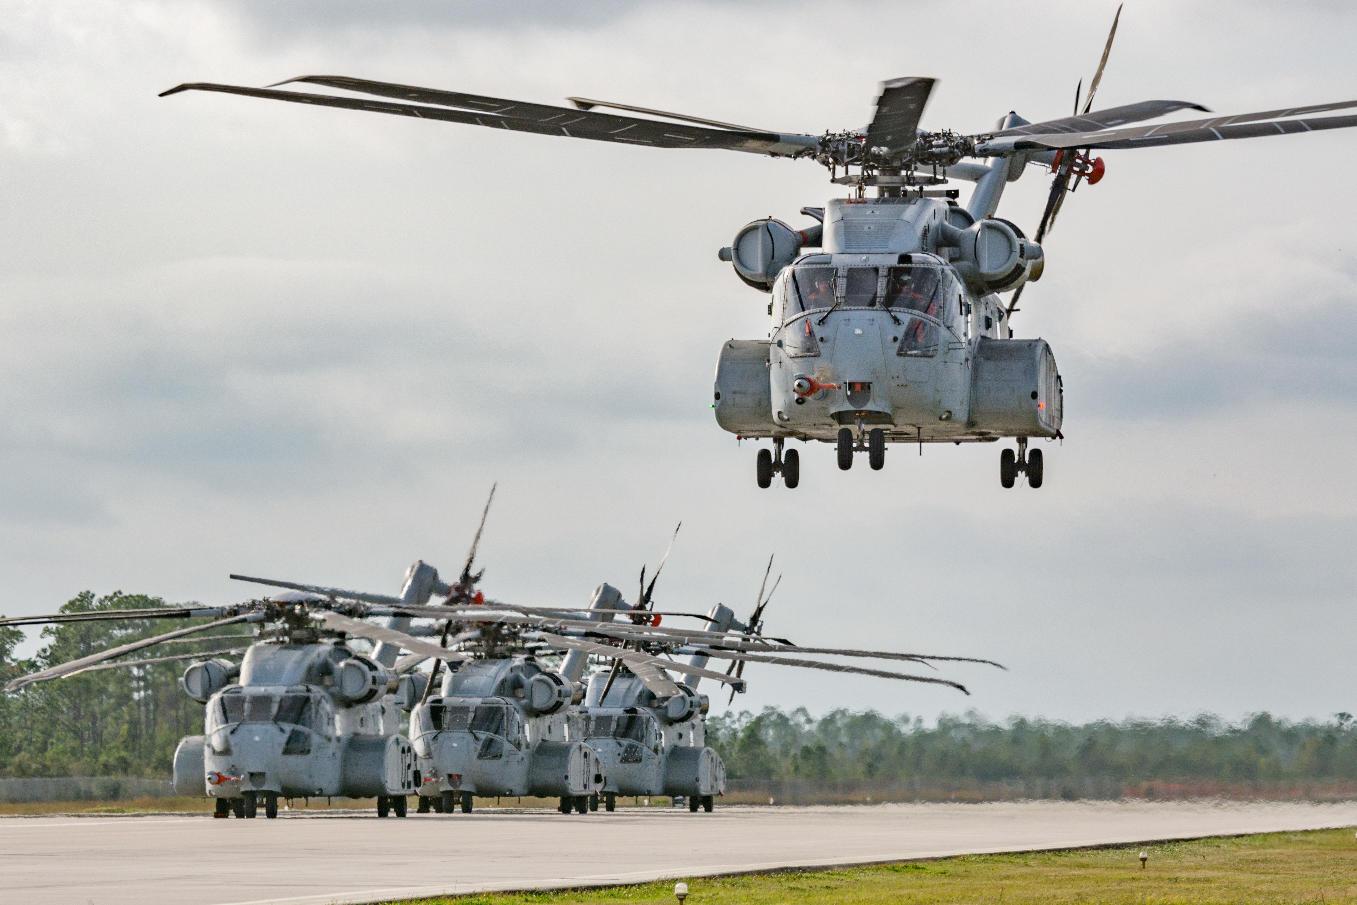 Rheinmetall et Sikorsky s'associent pour le remplacement des CH-53G allemands